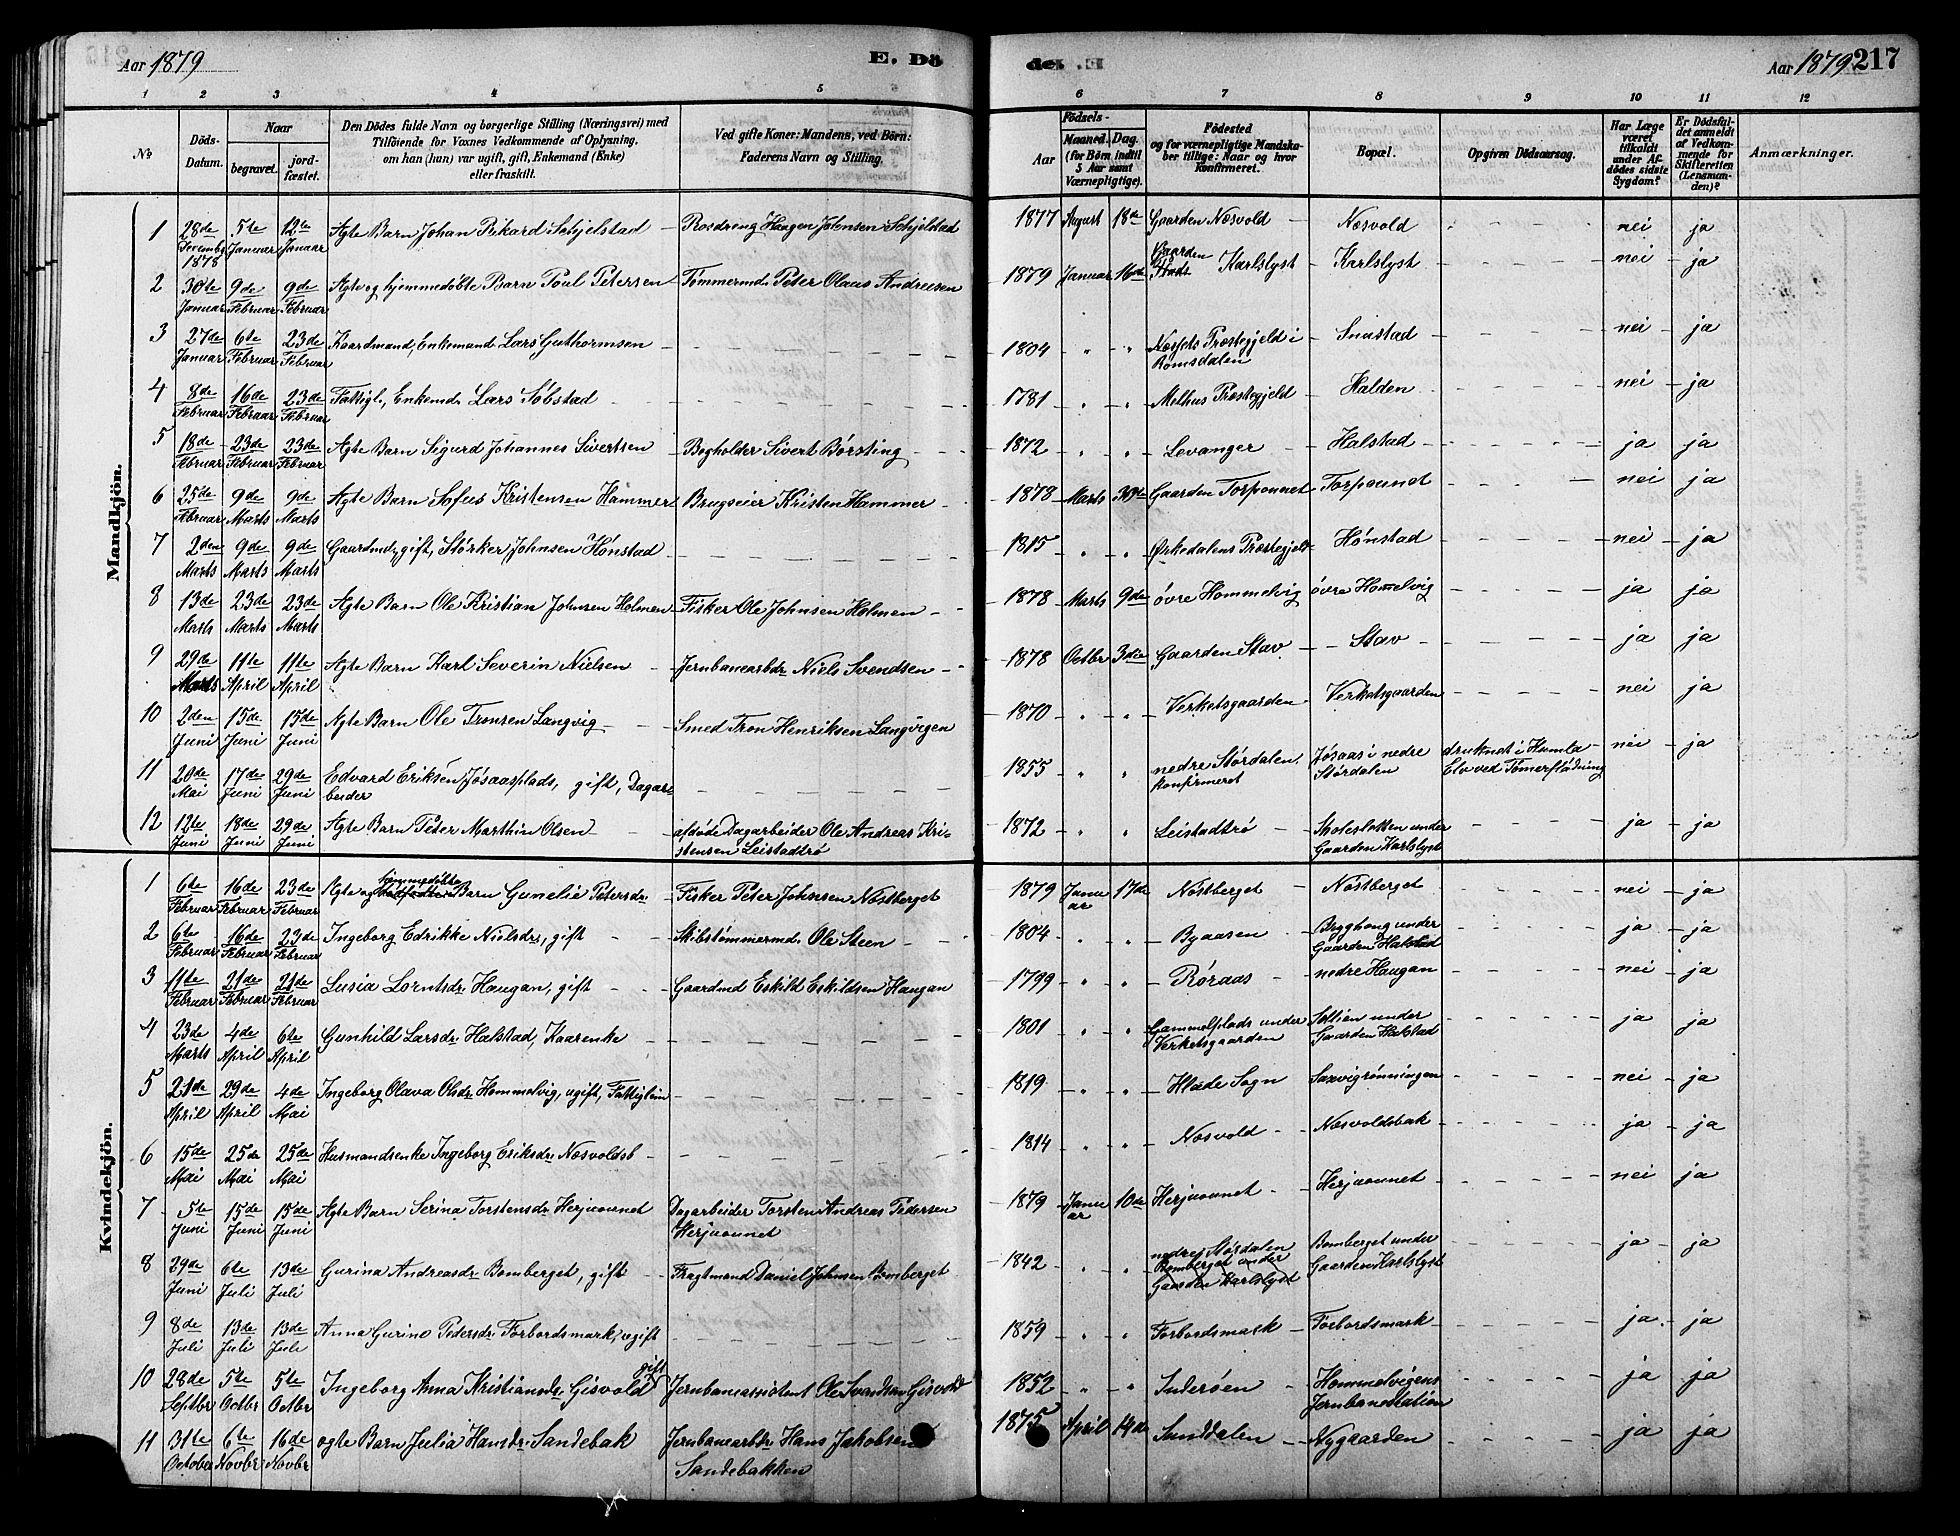 SAT, Ministerialprotokoller, klokkerbøker og fødselsregistre - Sør-Trøndelag, 616/L0423: Klokkerbok nr. 616C06, 1878-1903, s. 217